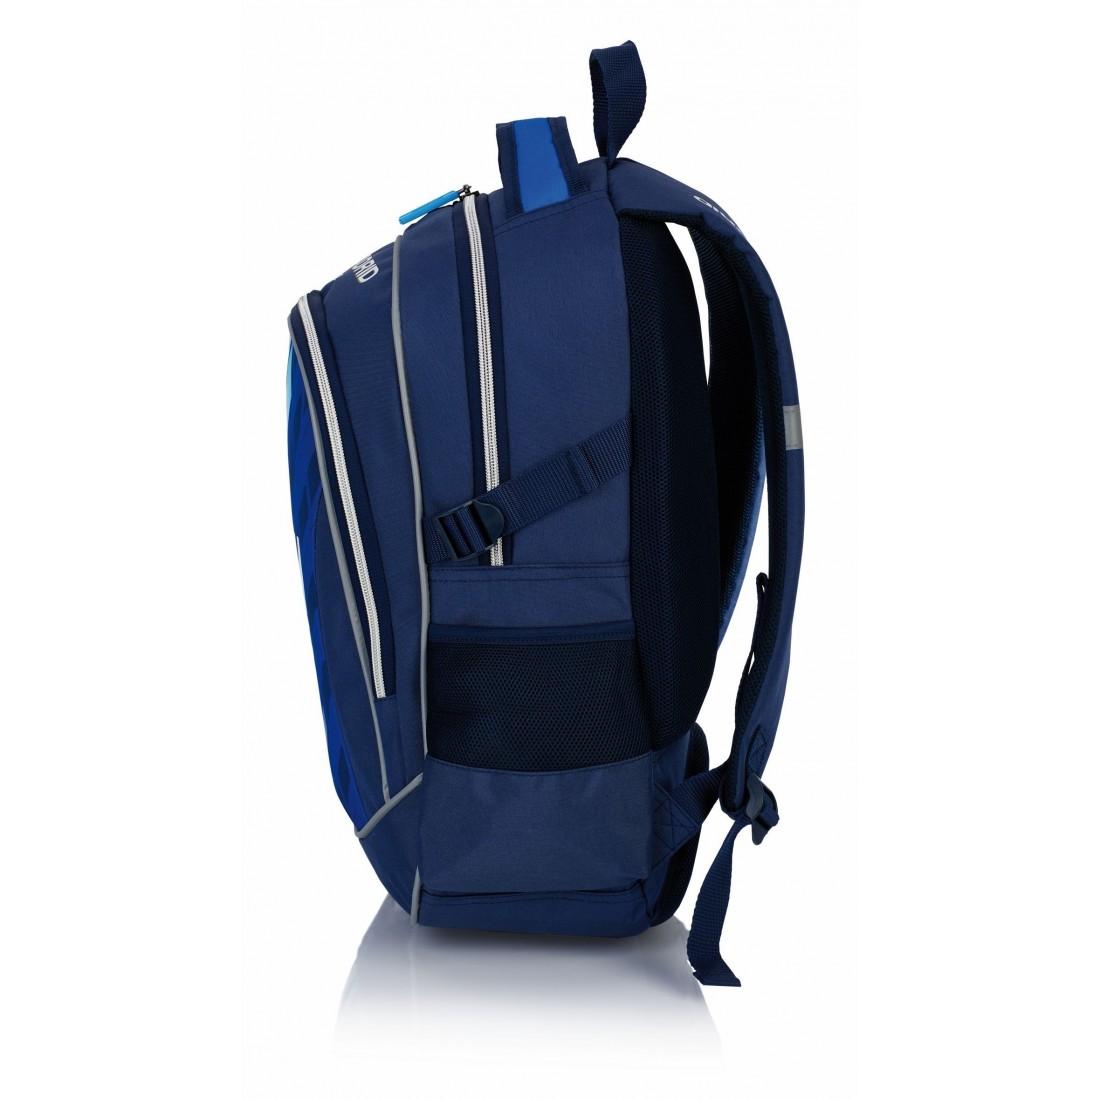 Plecak młodzieżowy Real Madryt granatowy do szkoły granatowo - niebieski - RM-122 - plecak-tornister.pl